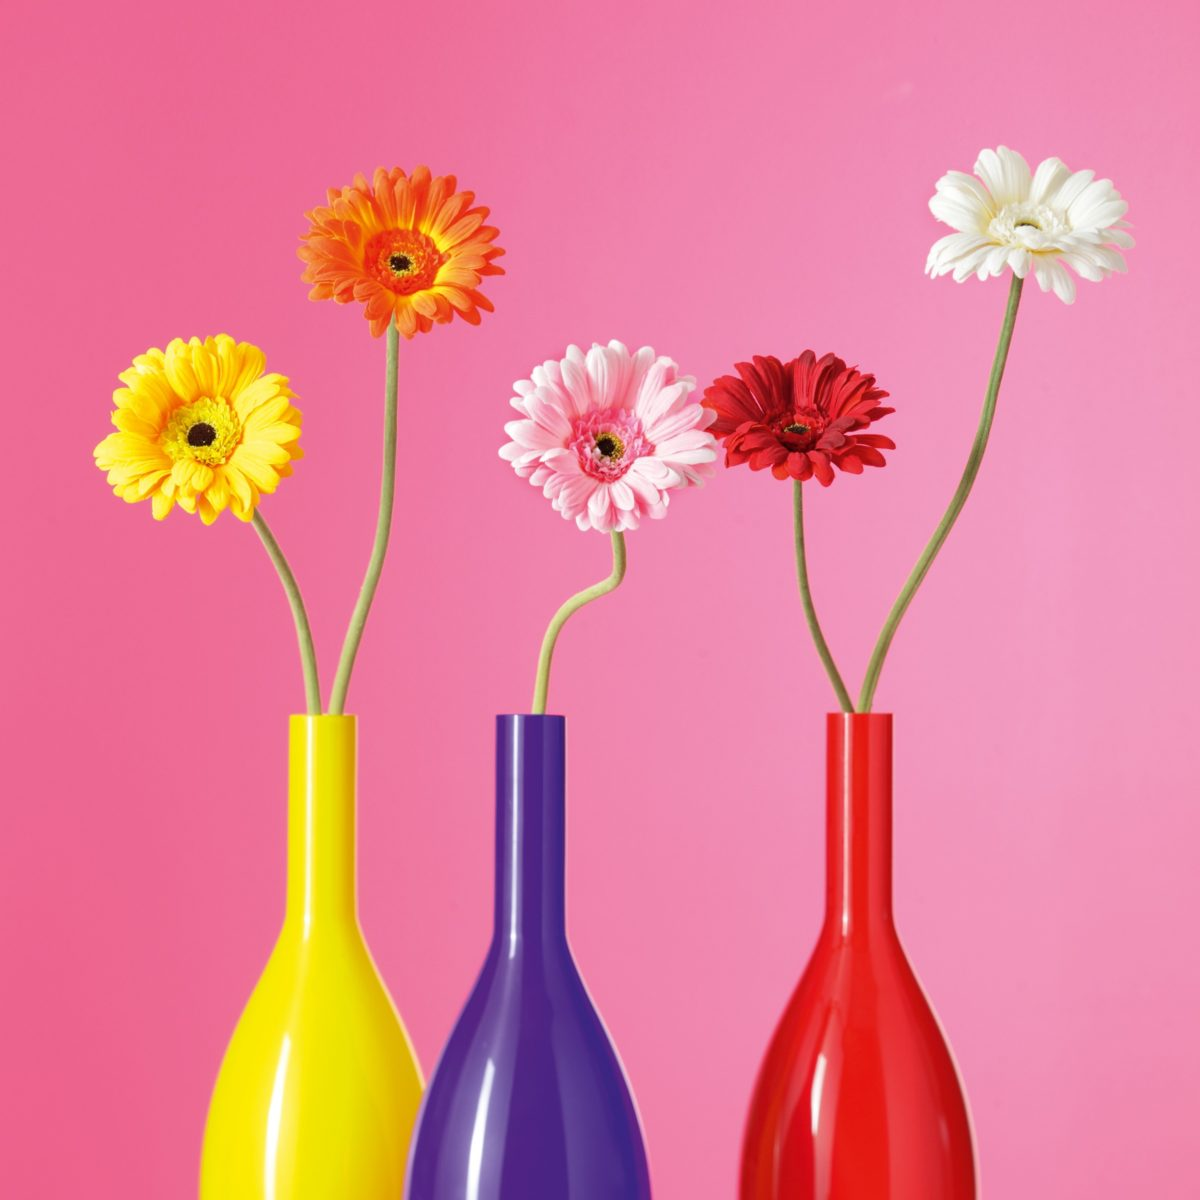 430510c429eed087416f8e1e66d4ce02253b0991 1200x1200 - Floare decorativă Gerbera red 50 cm (L056966)